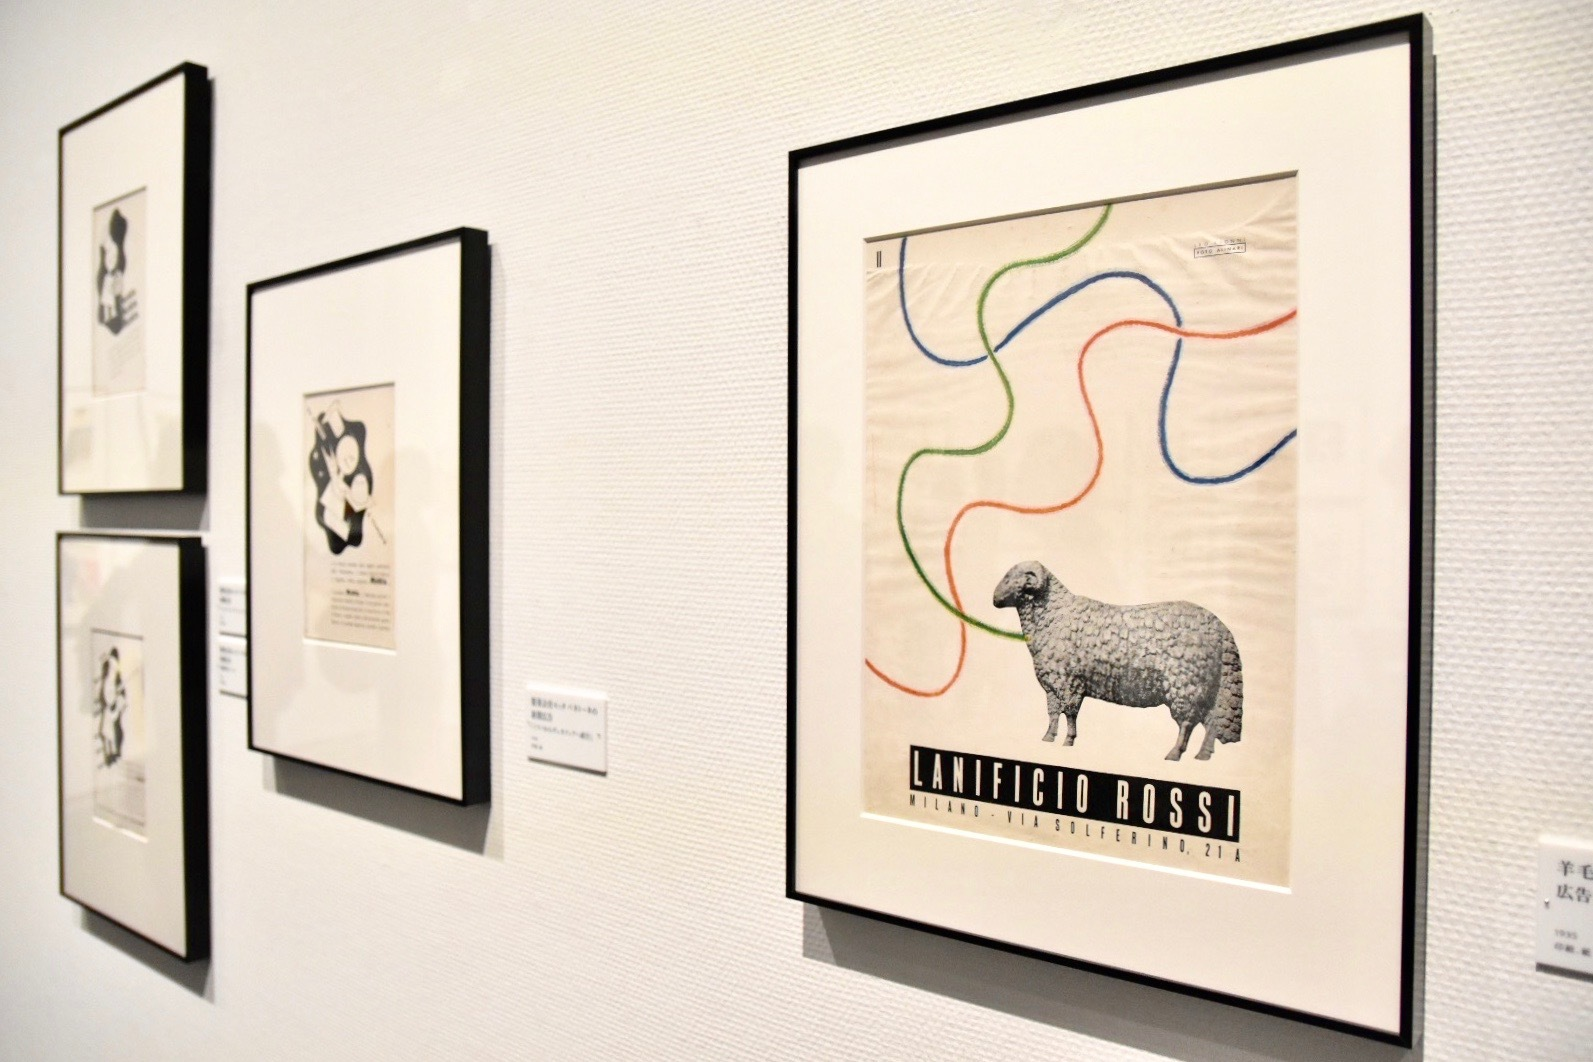 右:羊毛繊維工業会社ロッシ広告ポスター 1935年 アニー・レオーニ氏所蔵